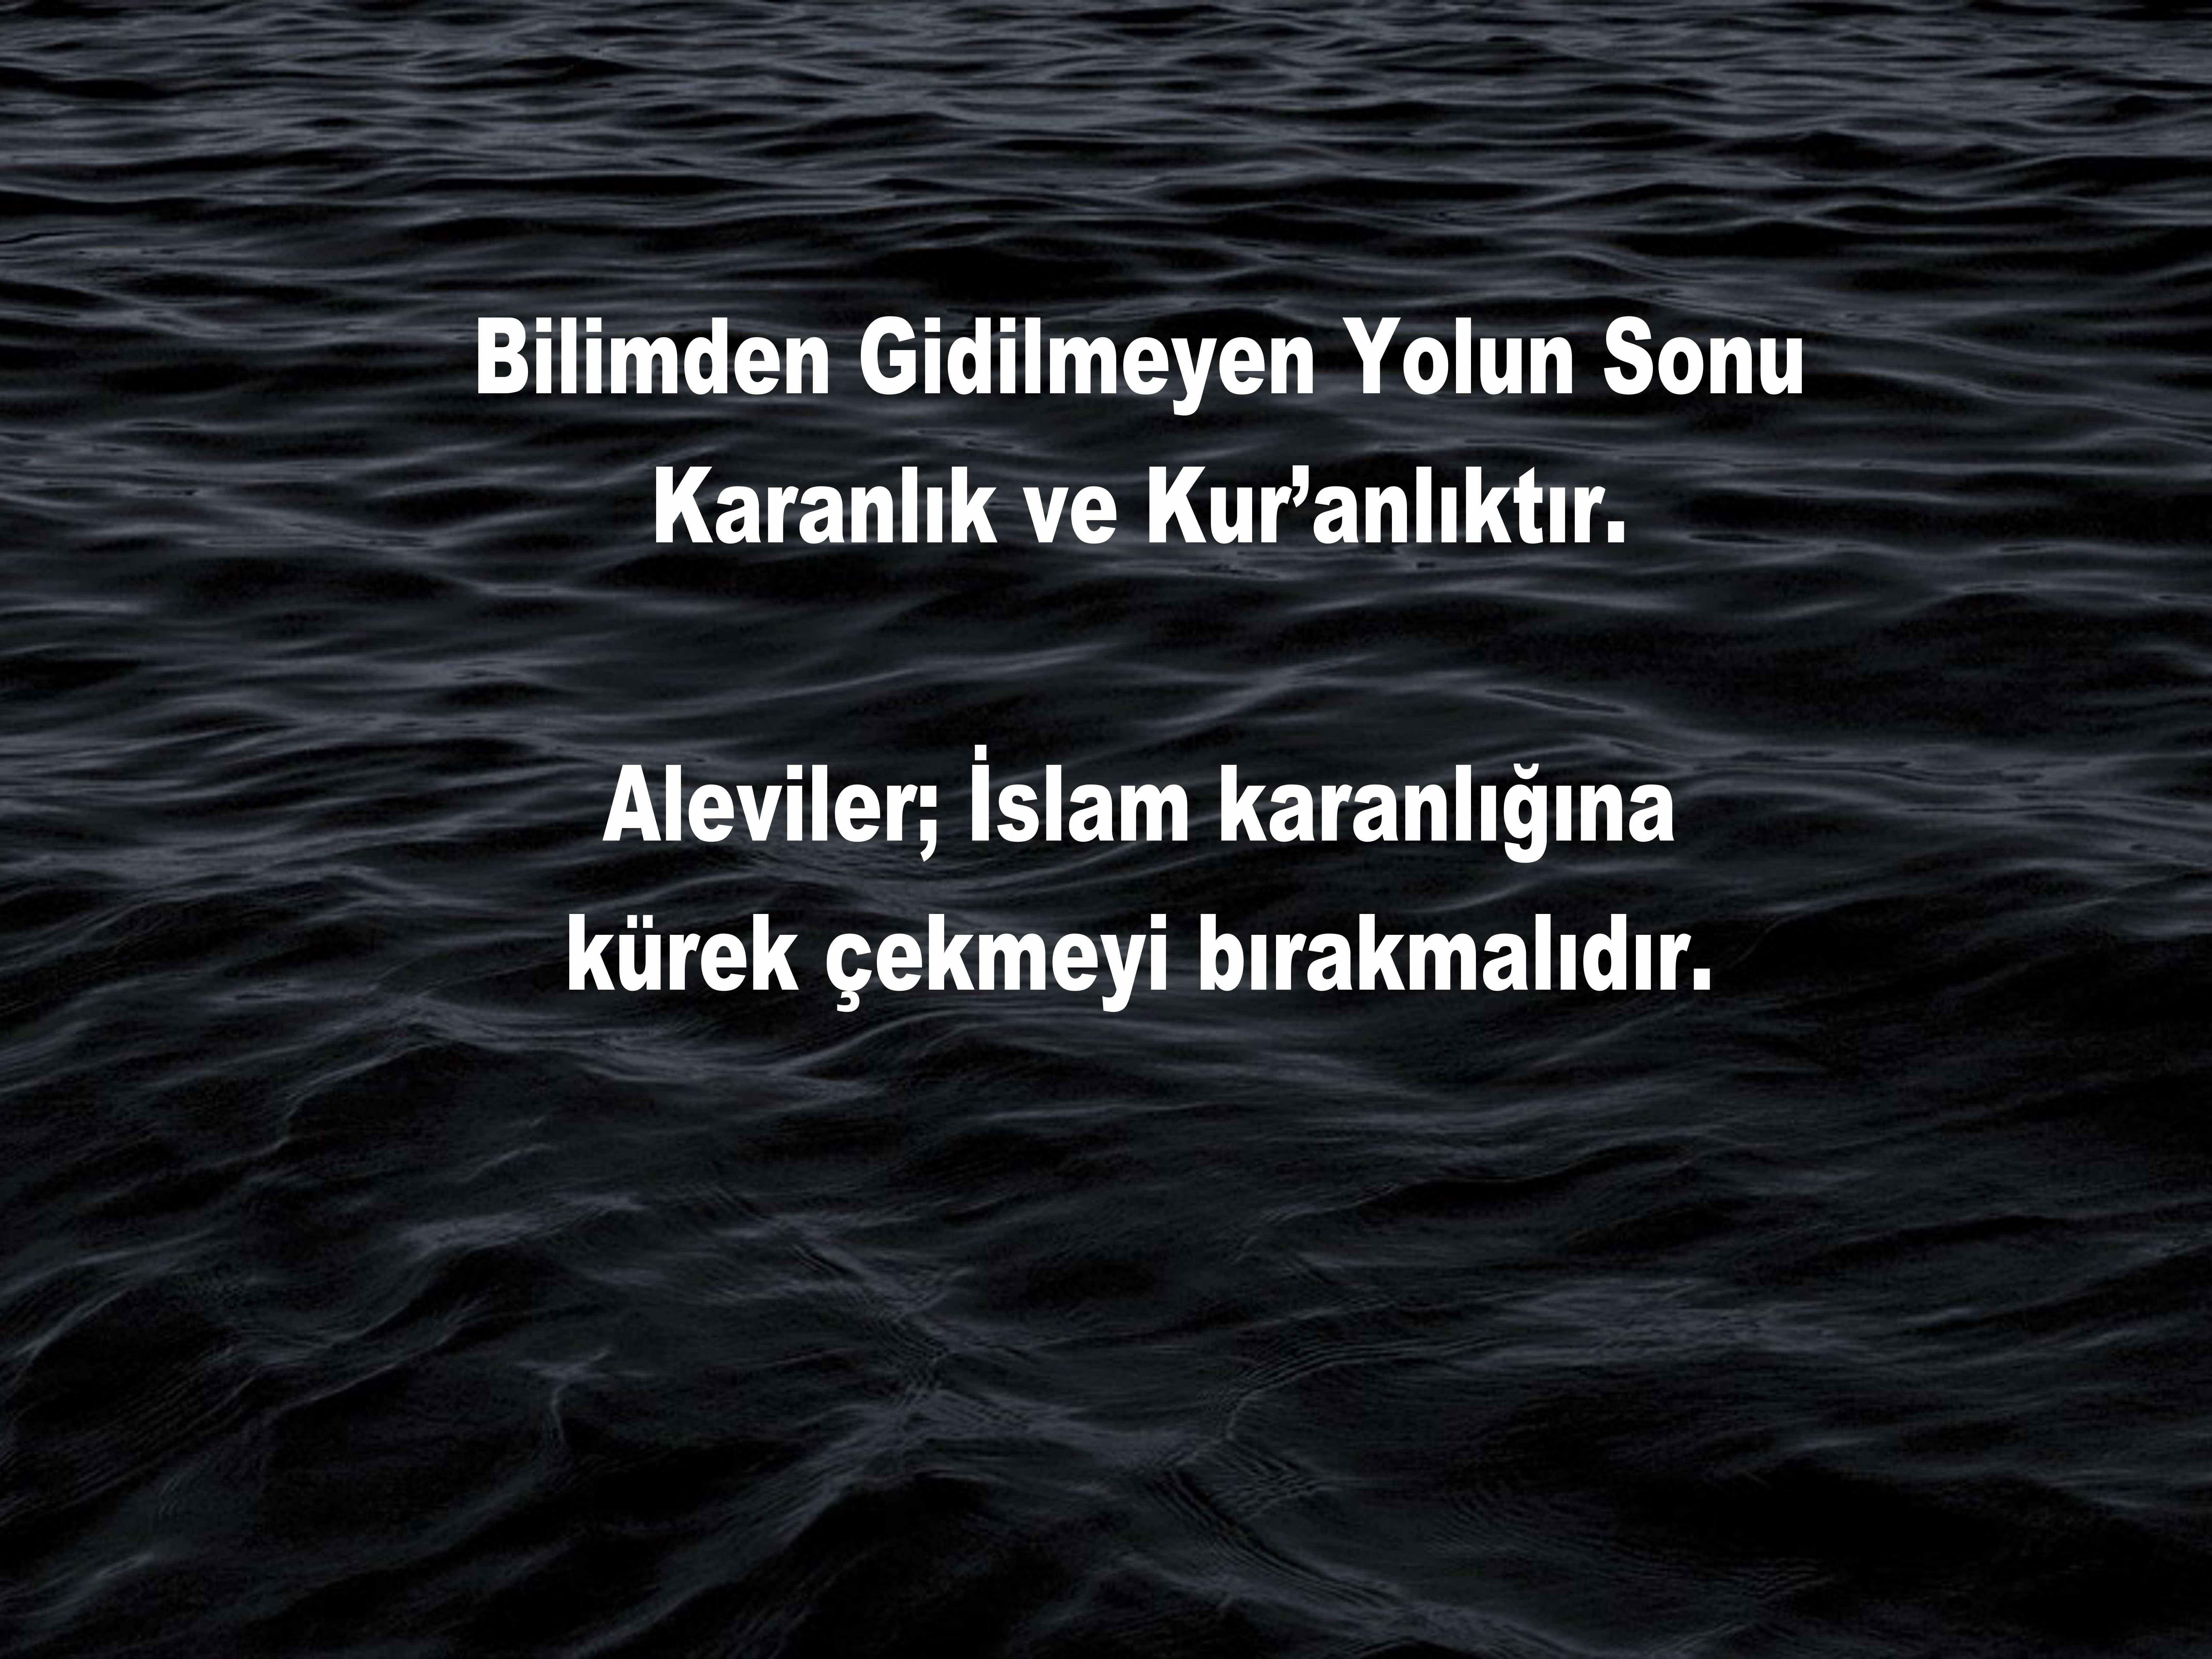 Devrimci Aleviler Birliği DAB Alevi Kızılbaş Bektaşi pir sultan cem hz Ali 12 imam semah Feramuz Şah Acar karanlık kuranlık islam